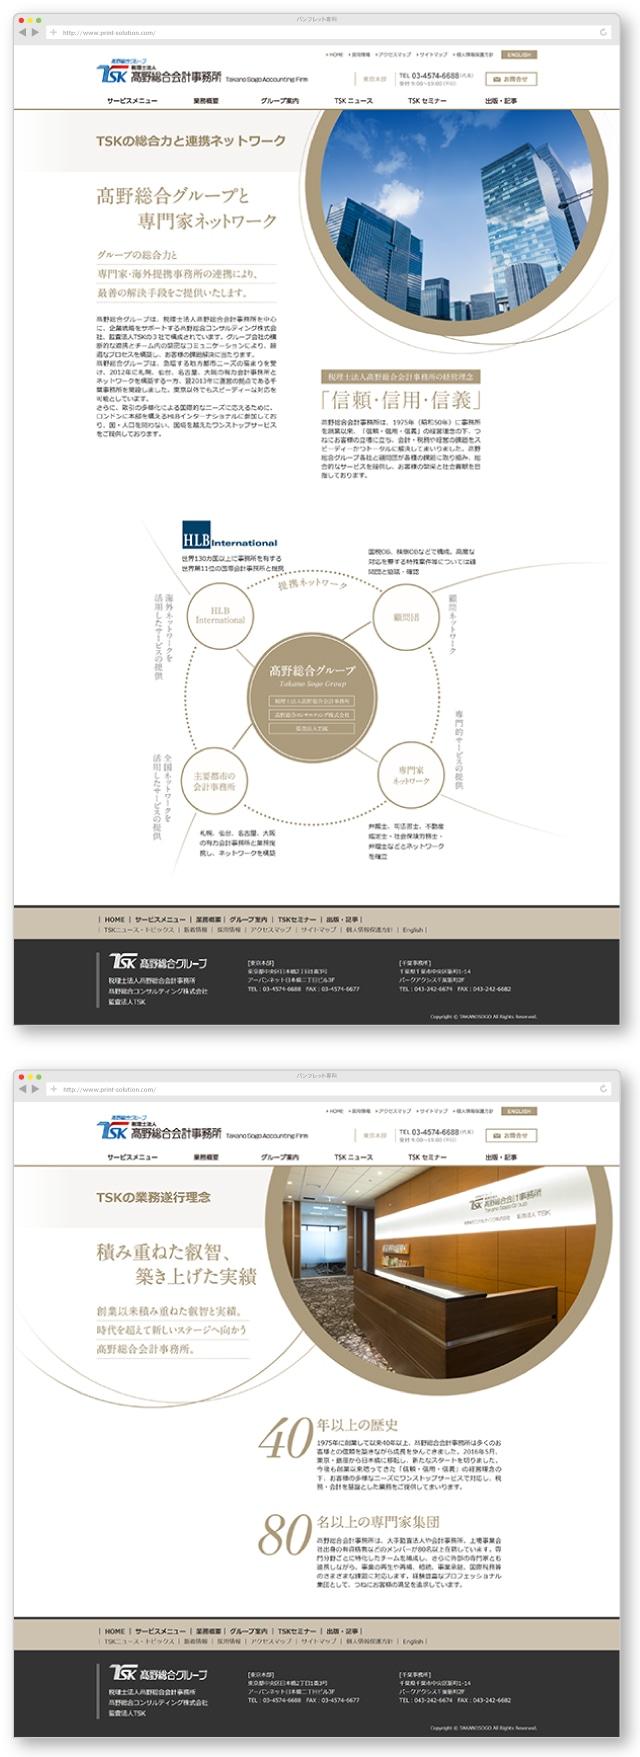 法人グループのネットワーク情報ページ(上画面)、法人のヒストリー情報ページ(下画面)